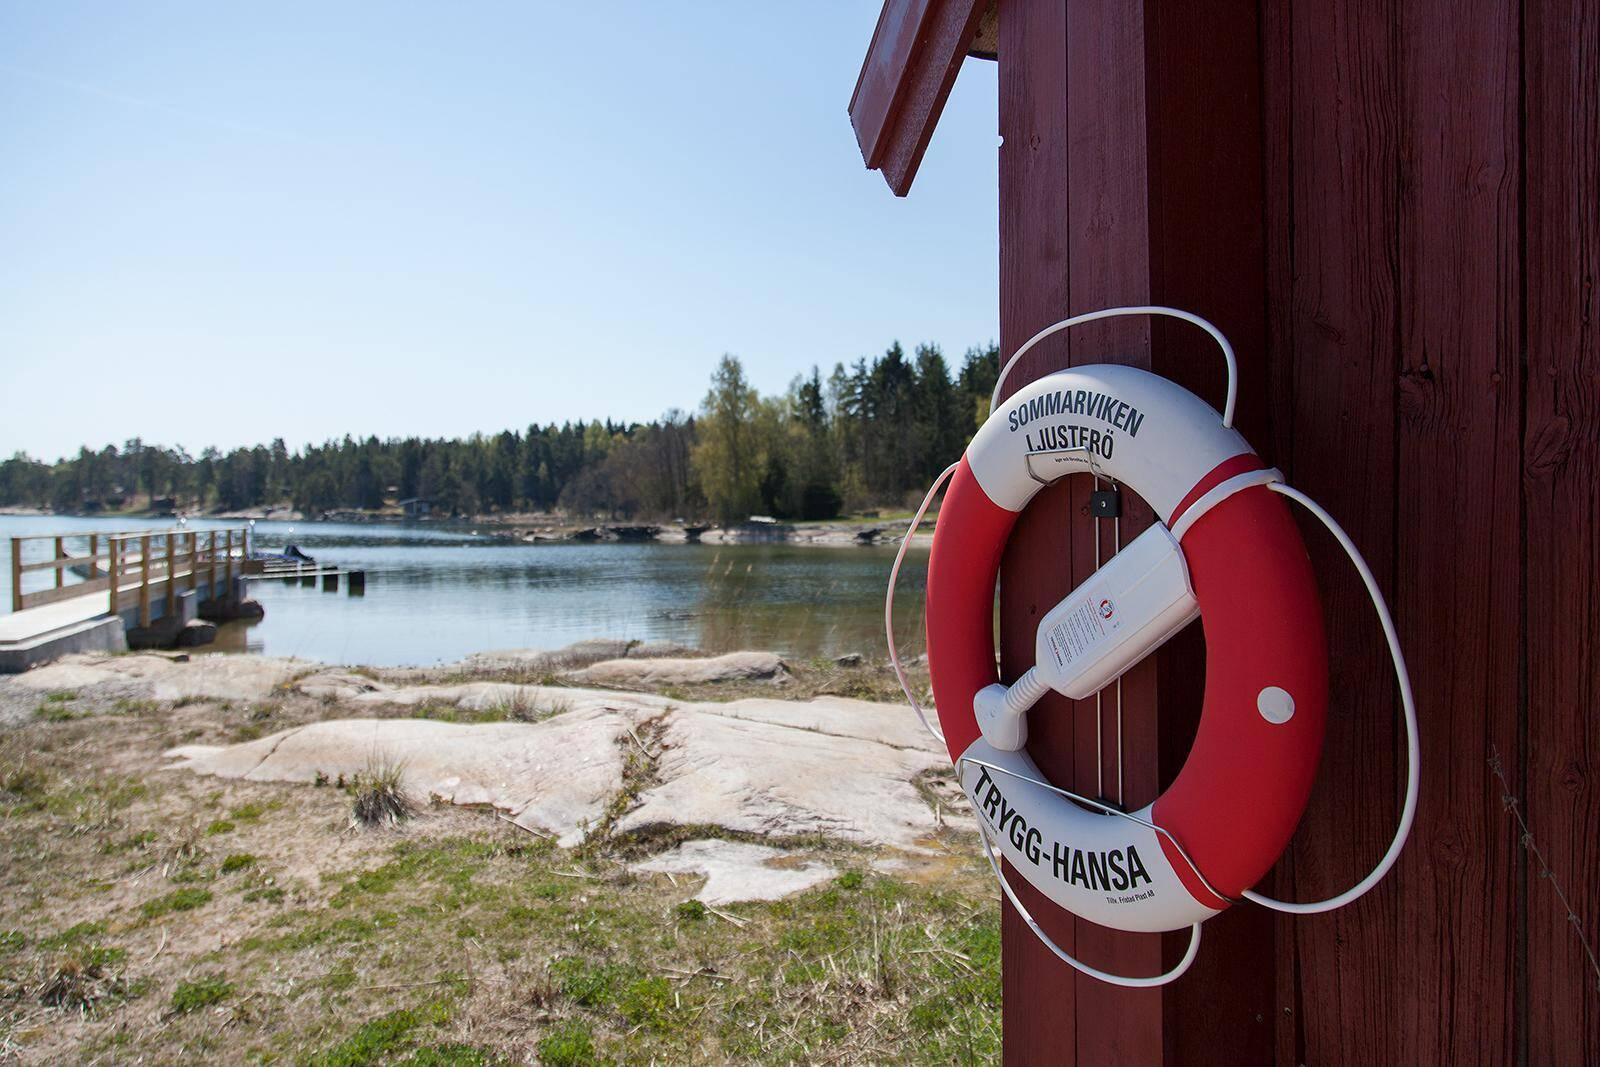 Välkommen till Brf Sommarviken